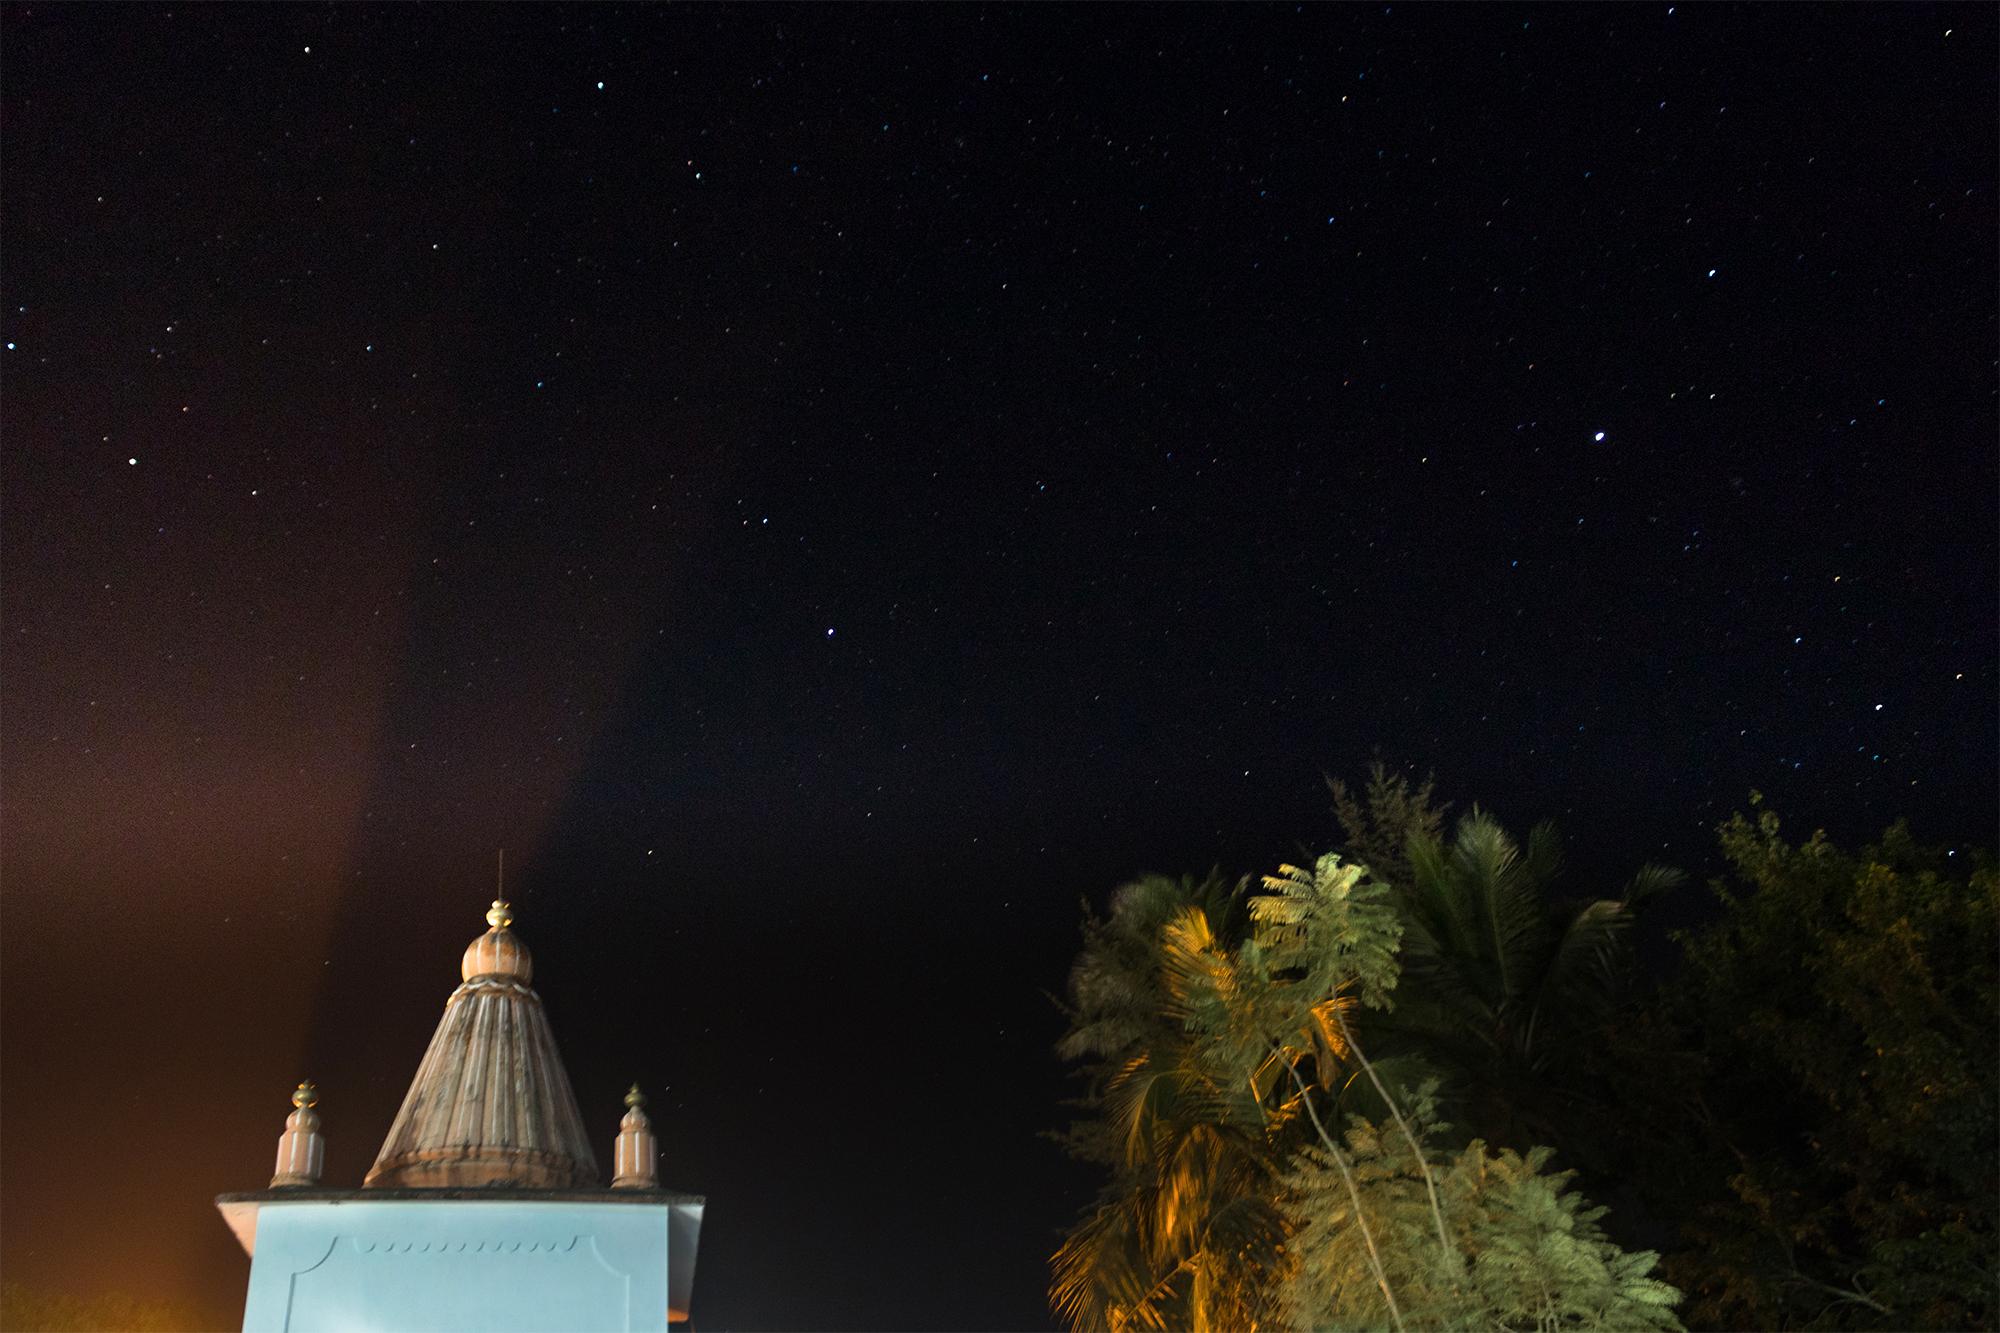 shot at Sileru, Andhra Pradesh